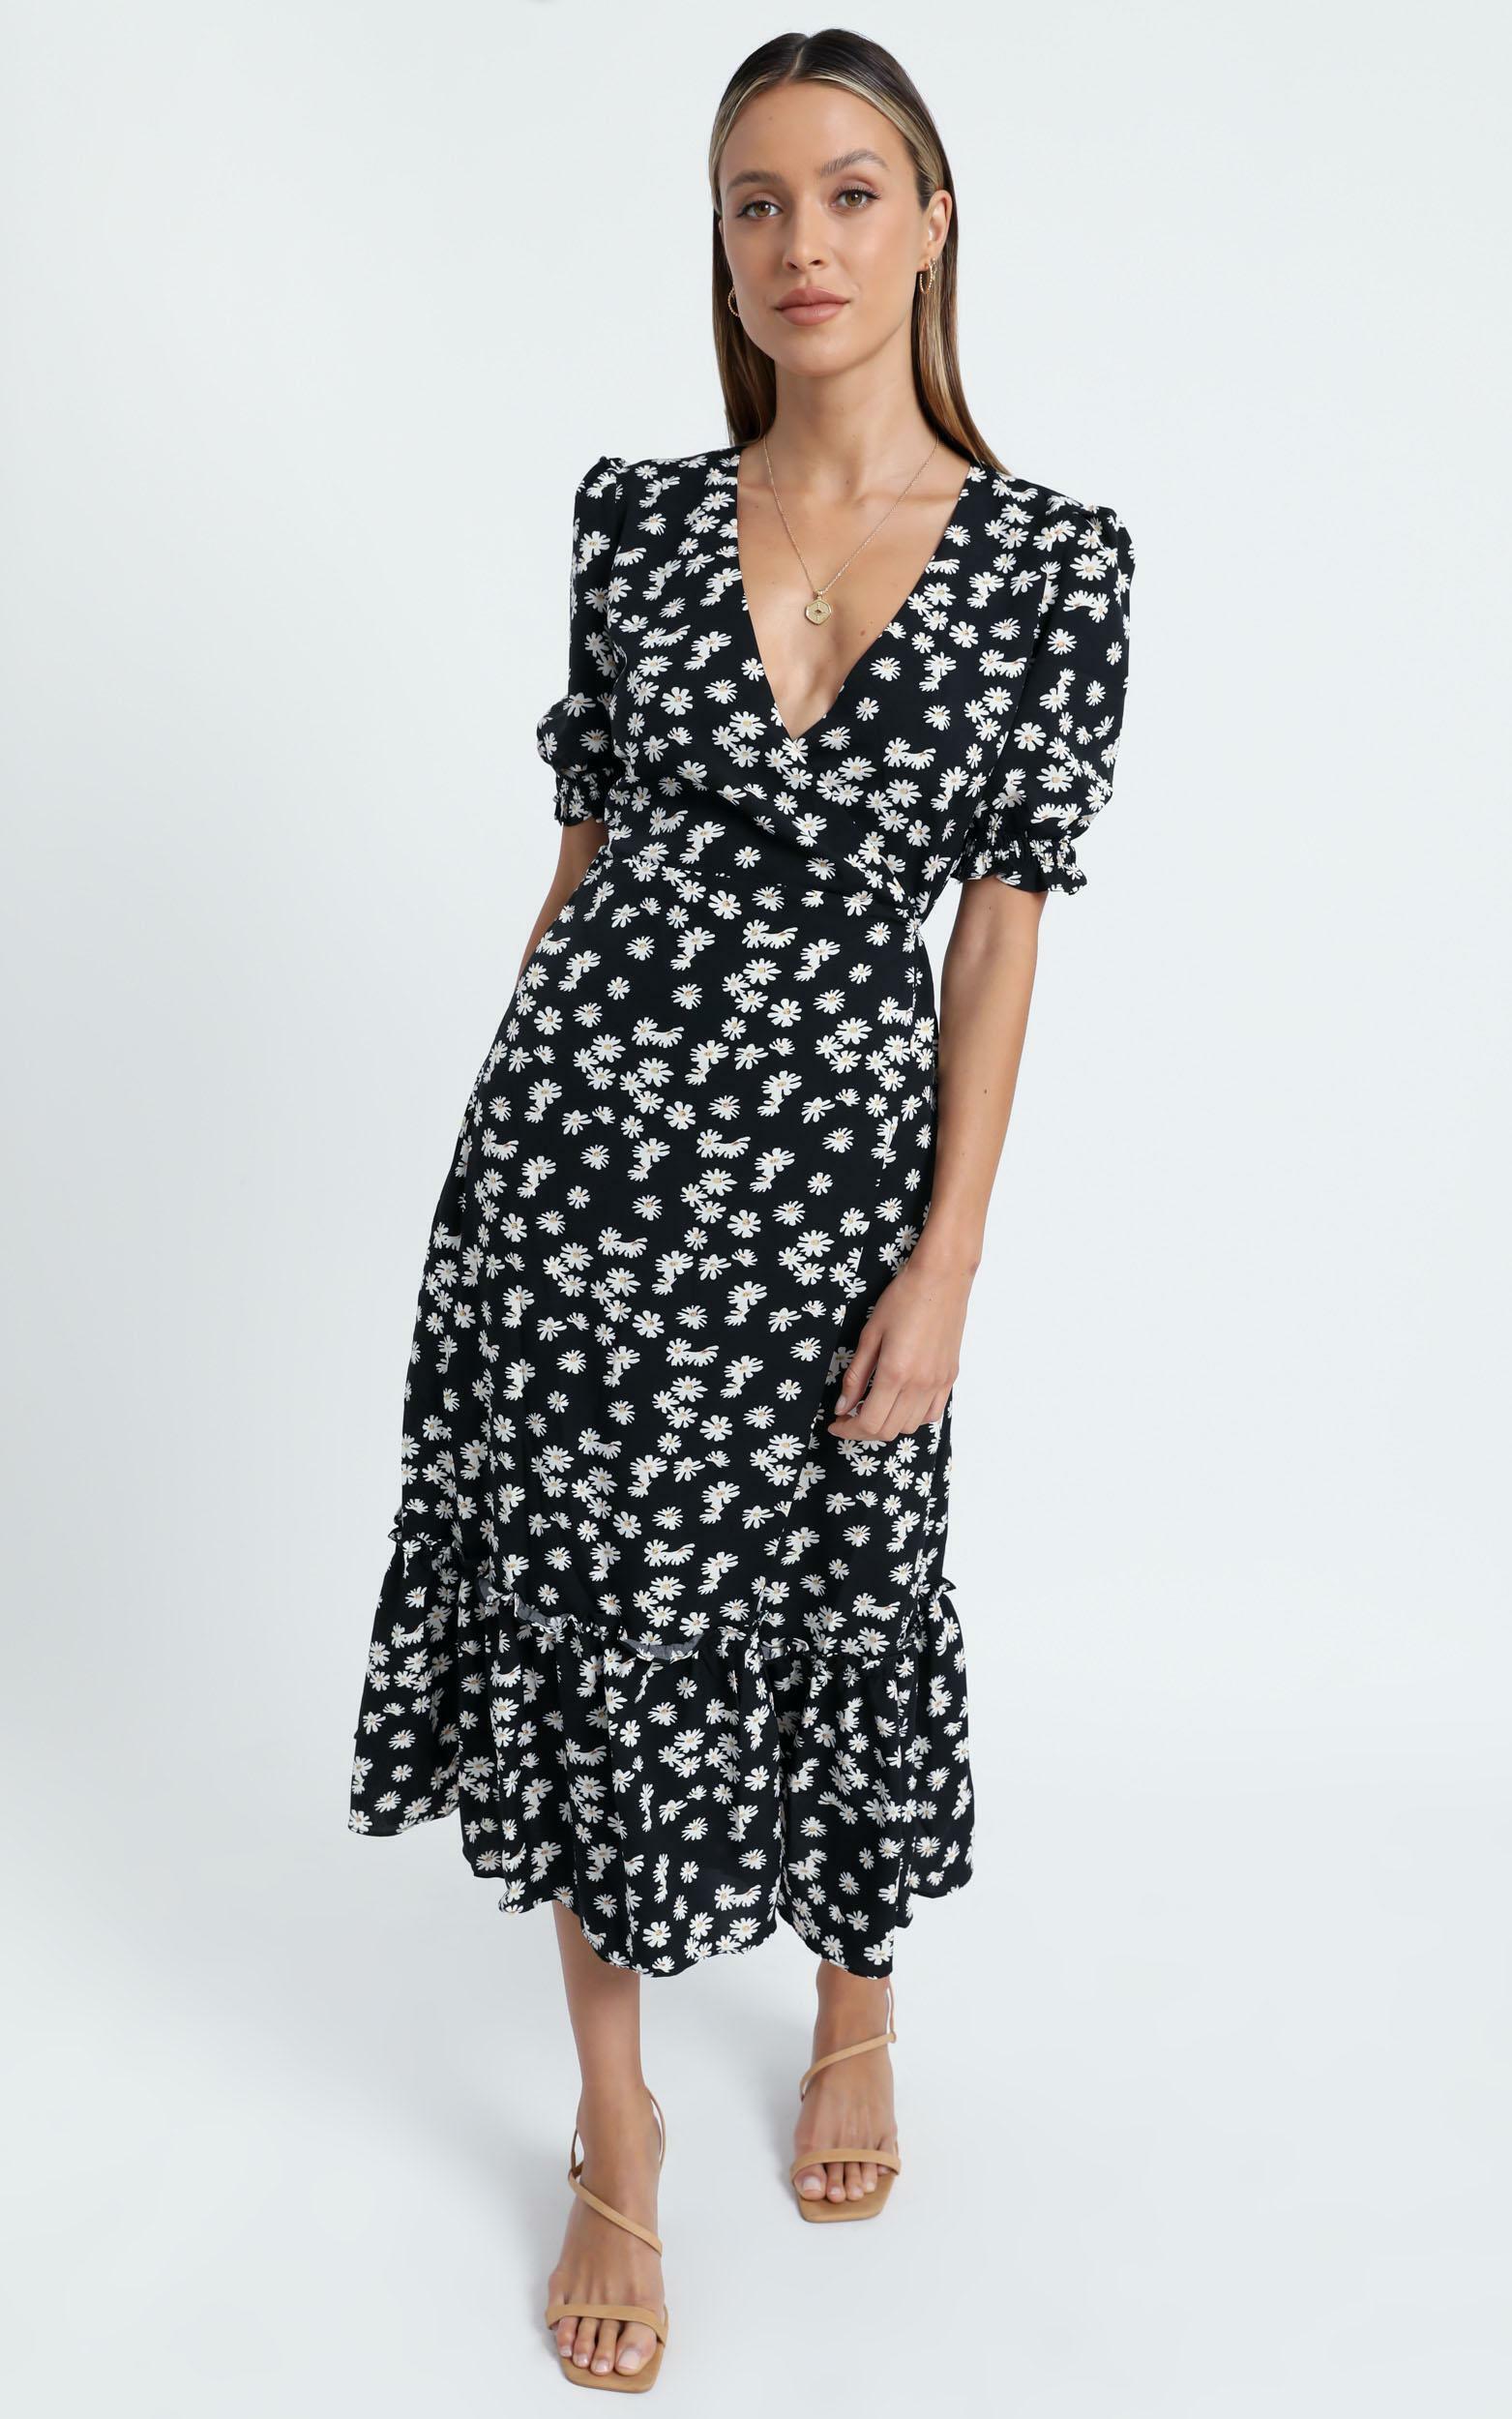 Washington Dress in Black Floral - 6 (XS), Black, hi-res image number null